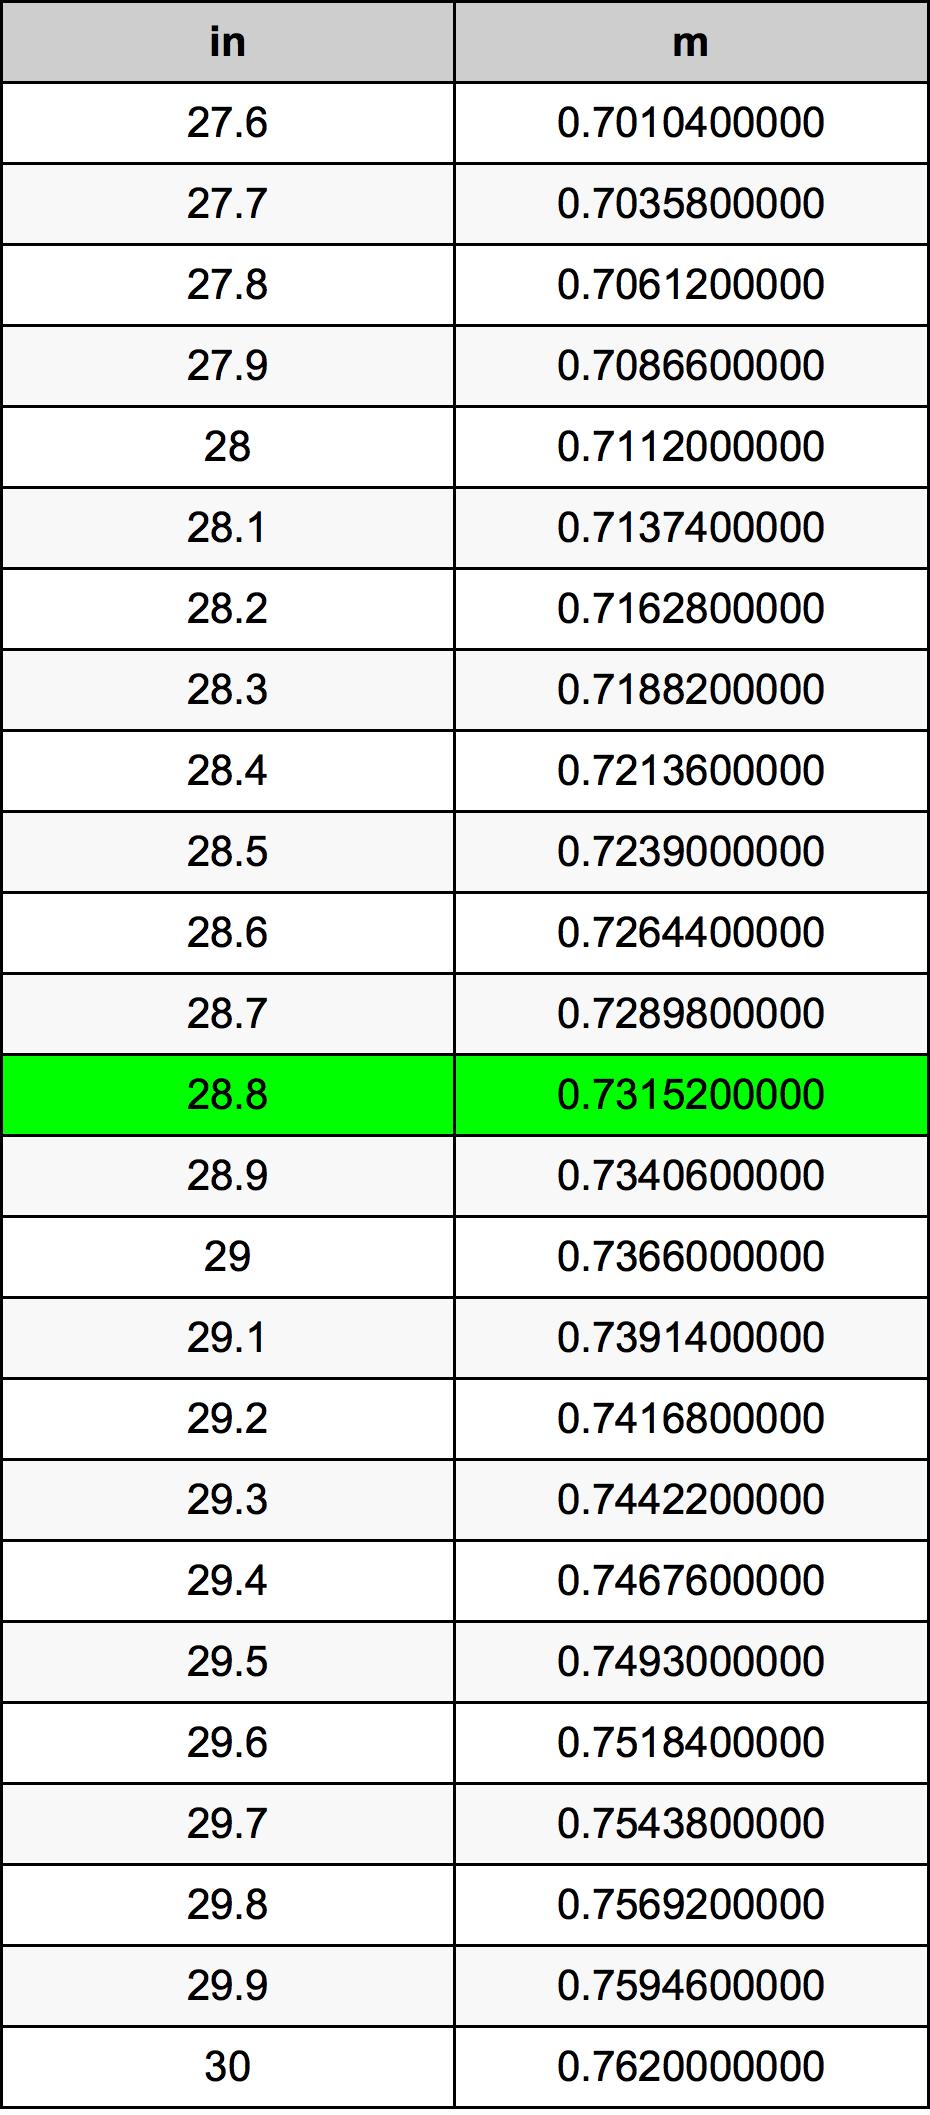 28.8 ίντσα Πίνακας Μετατροπής